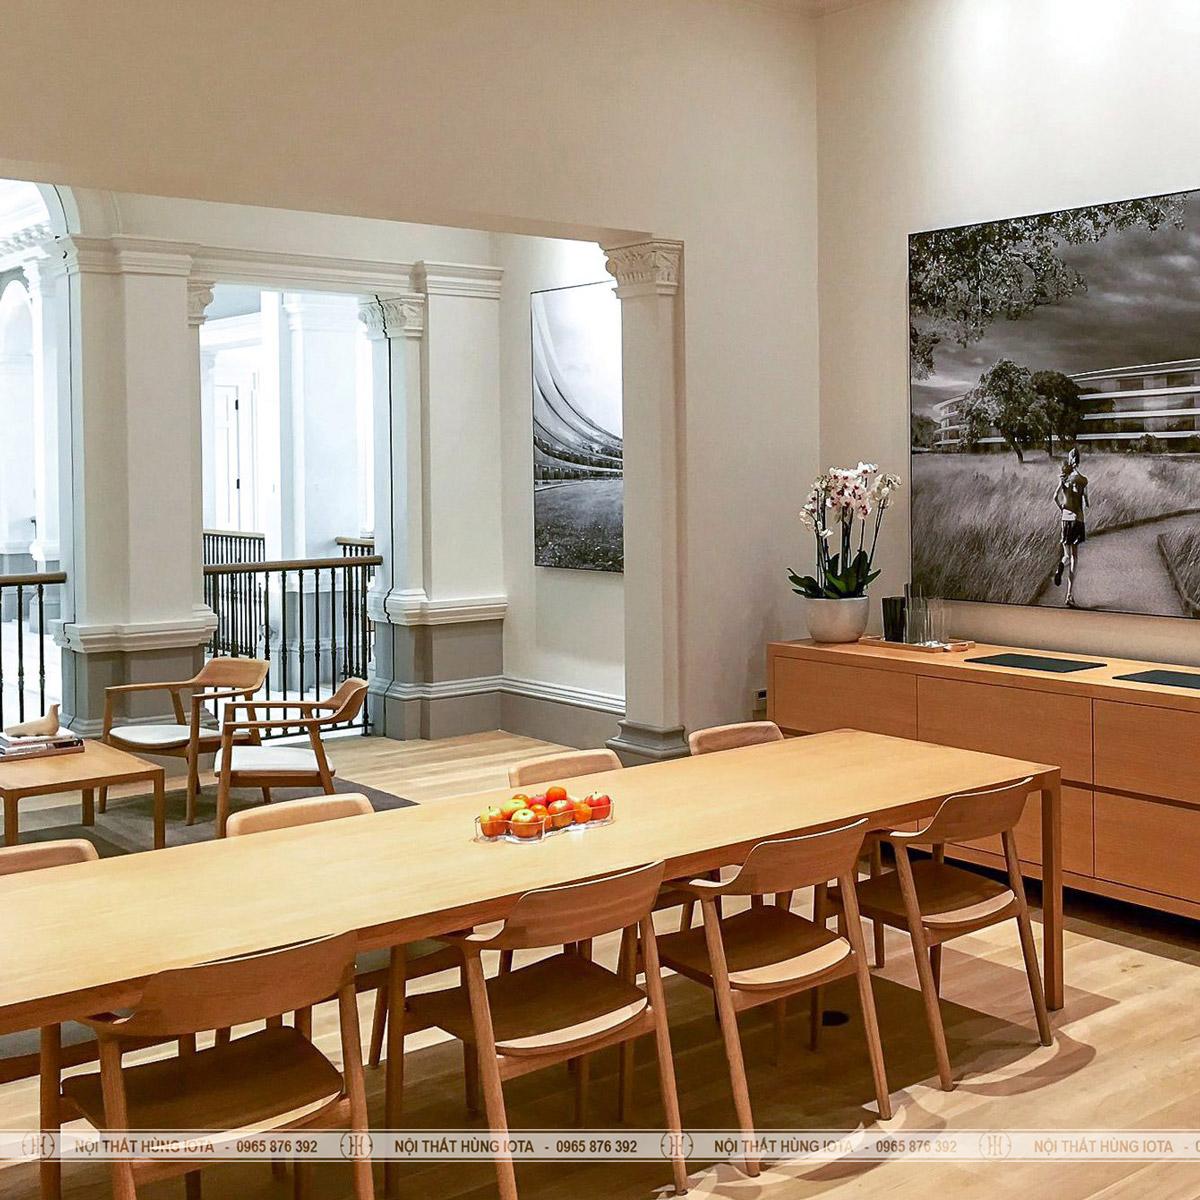 Bàn ghế làm việc Hiroshima gỗ decor đẹp giá rẻ tại xưởng